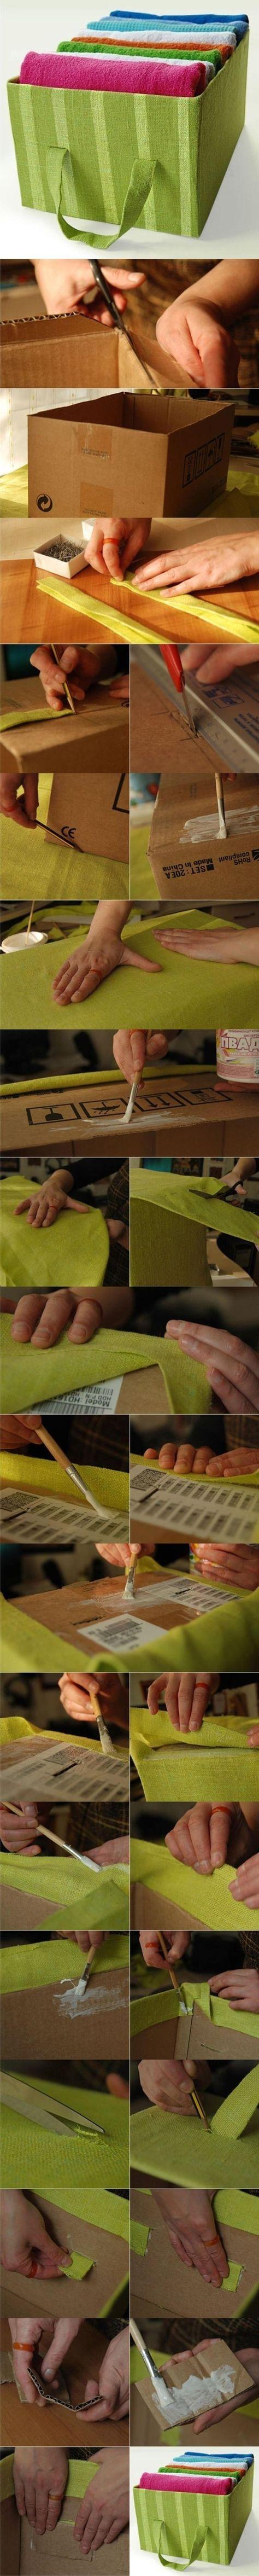 Самоделки своими руками: органайзер для текстиля